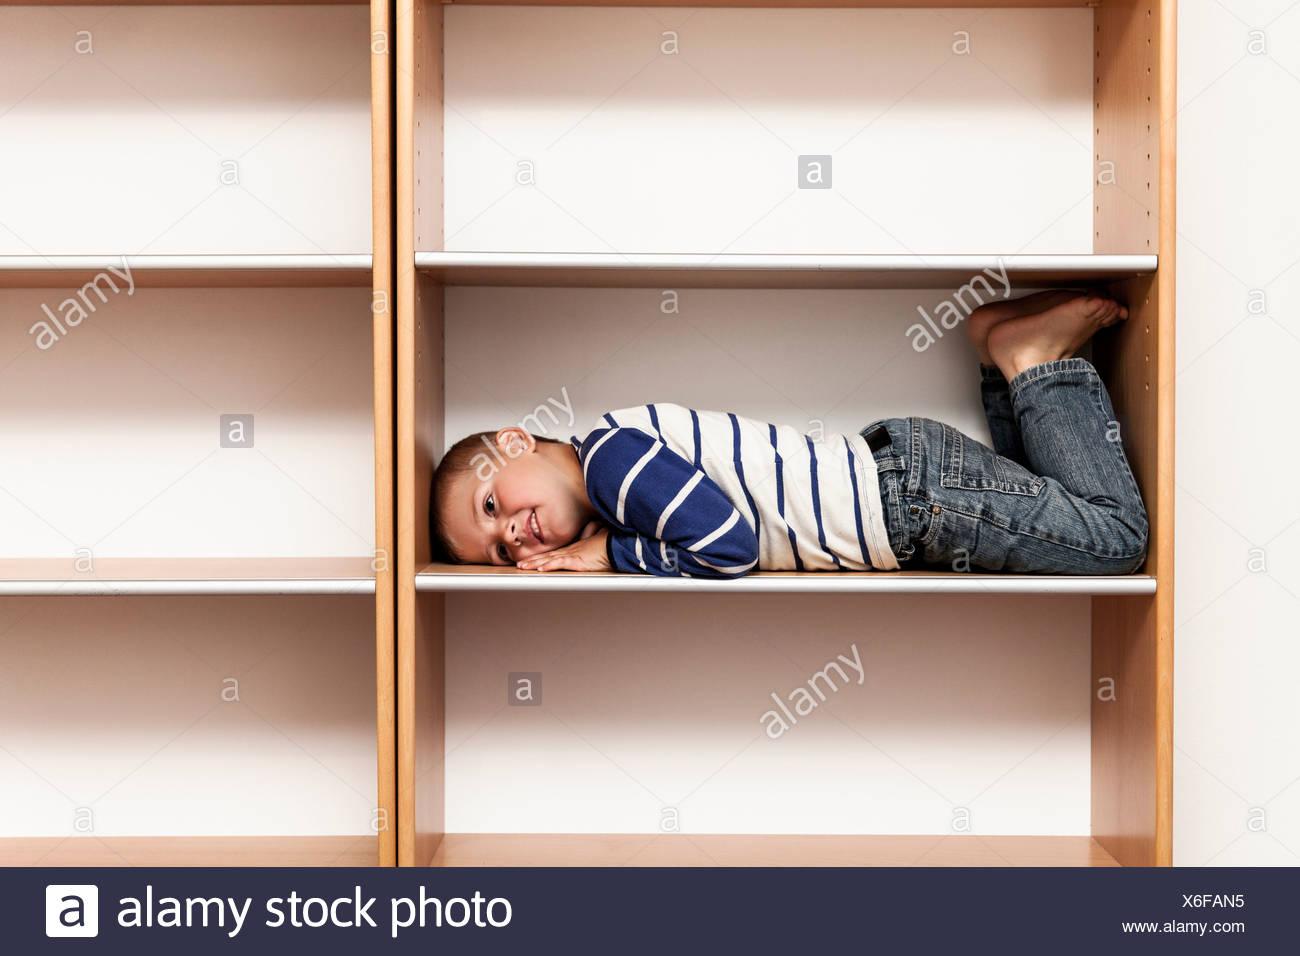 Gesamte Länge der verspielte junge im leeren Regal zu Hause liegen Stockbild